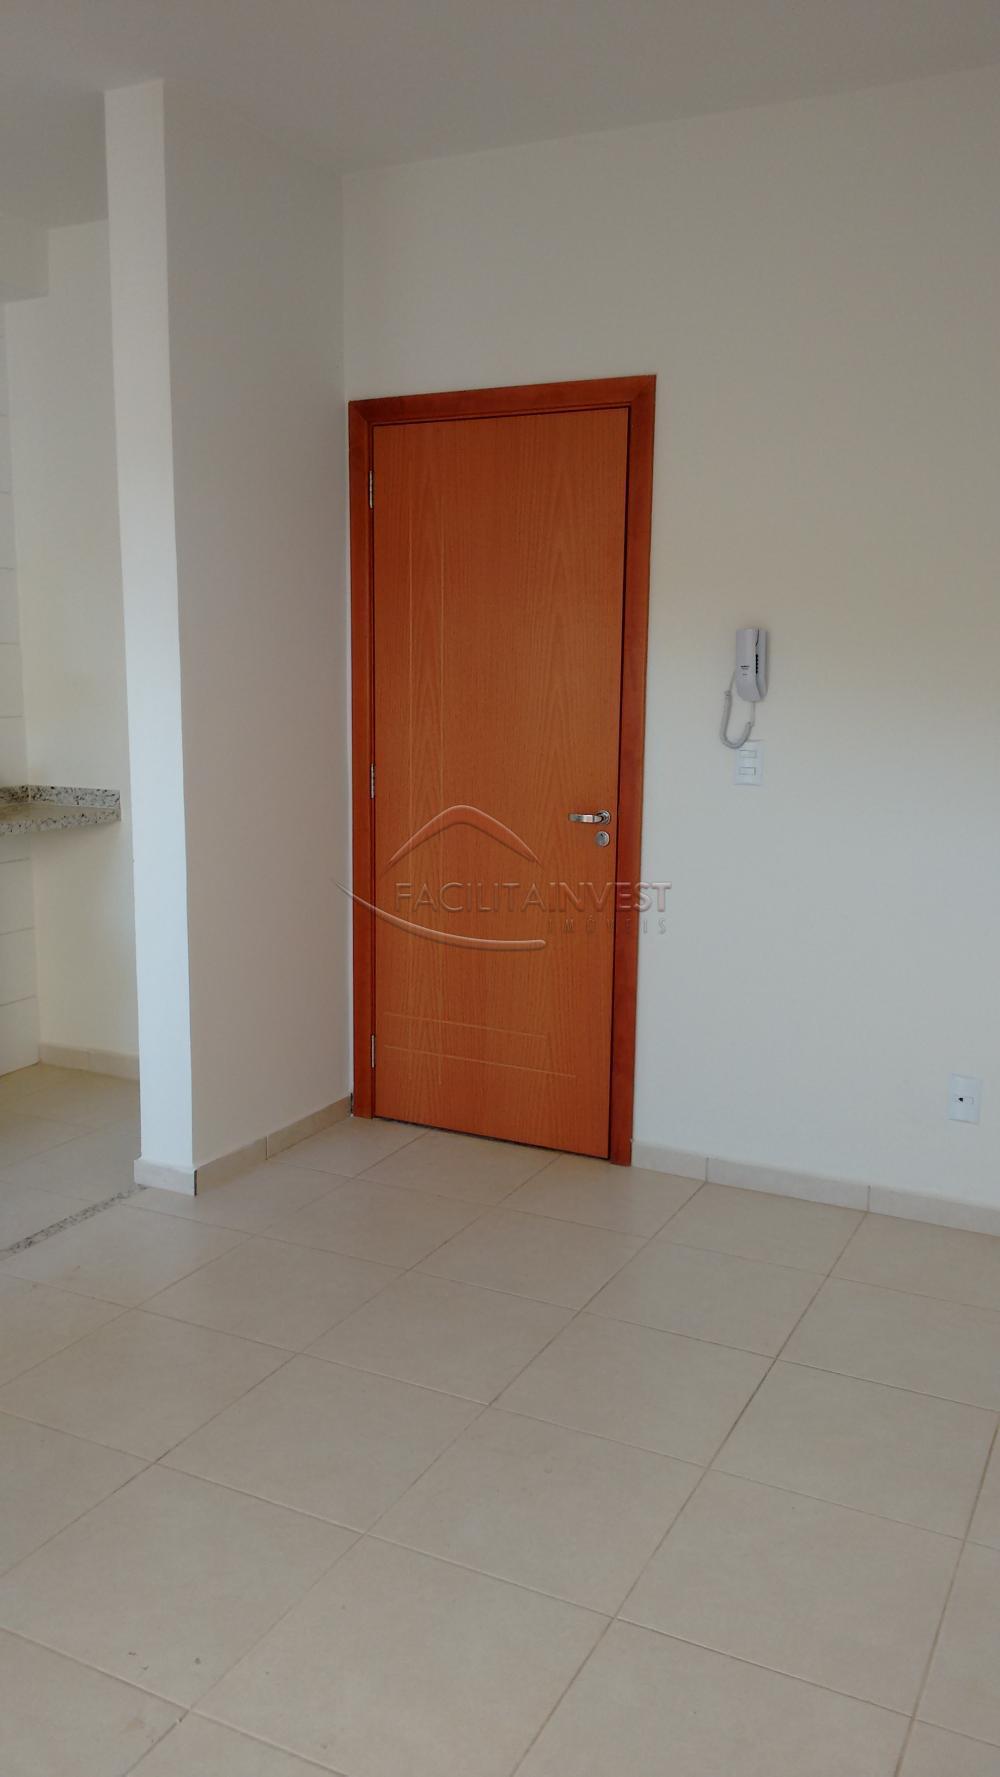 Alugar Apartamentos / Apart. Padrão em Ribeirão Preto apenas R$ 600,00 - Foto 4